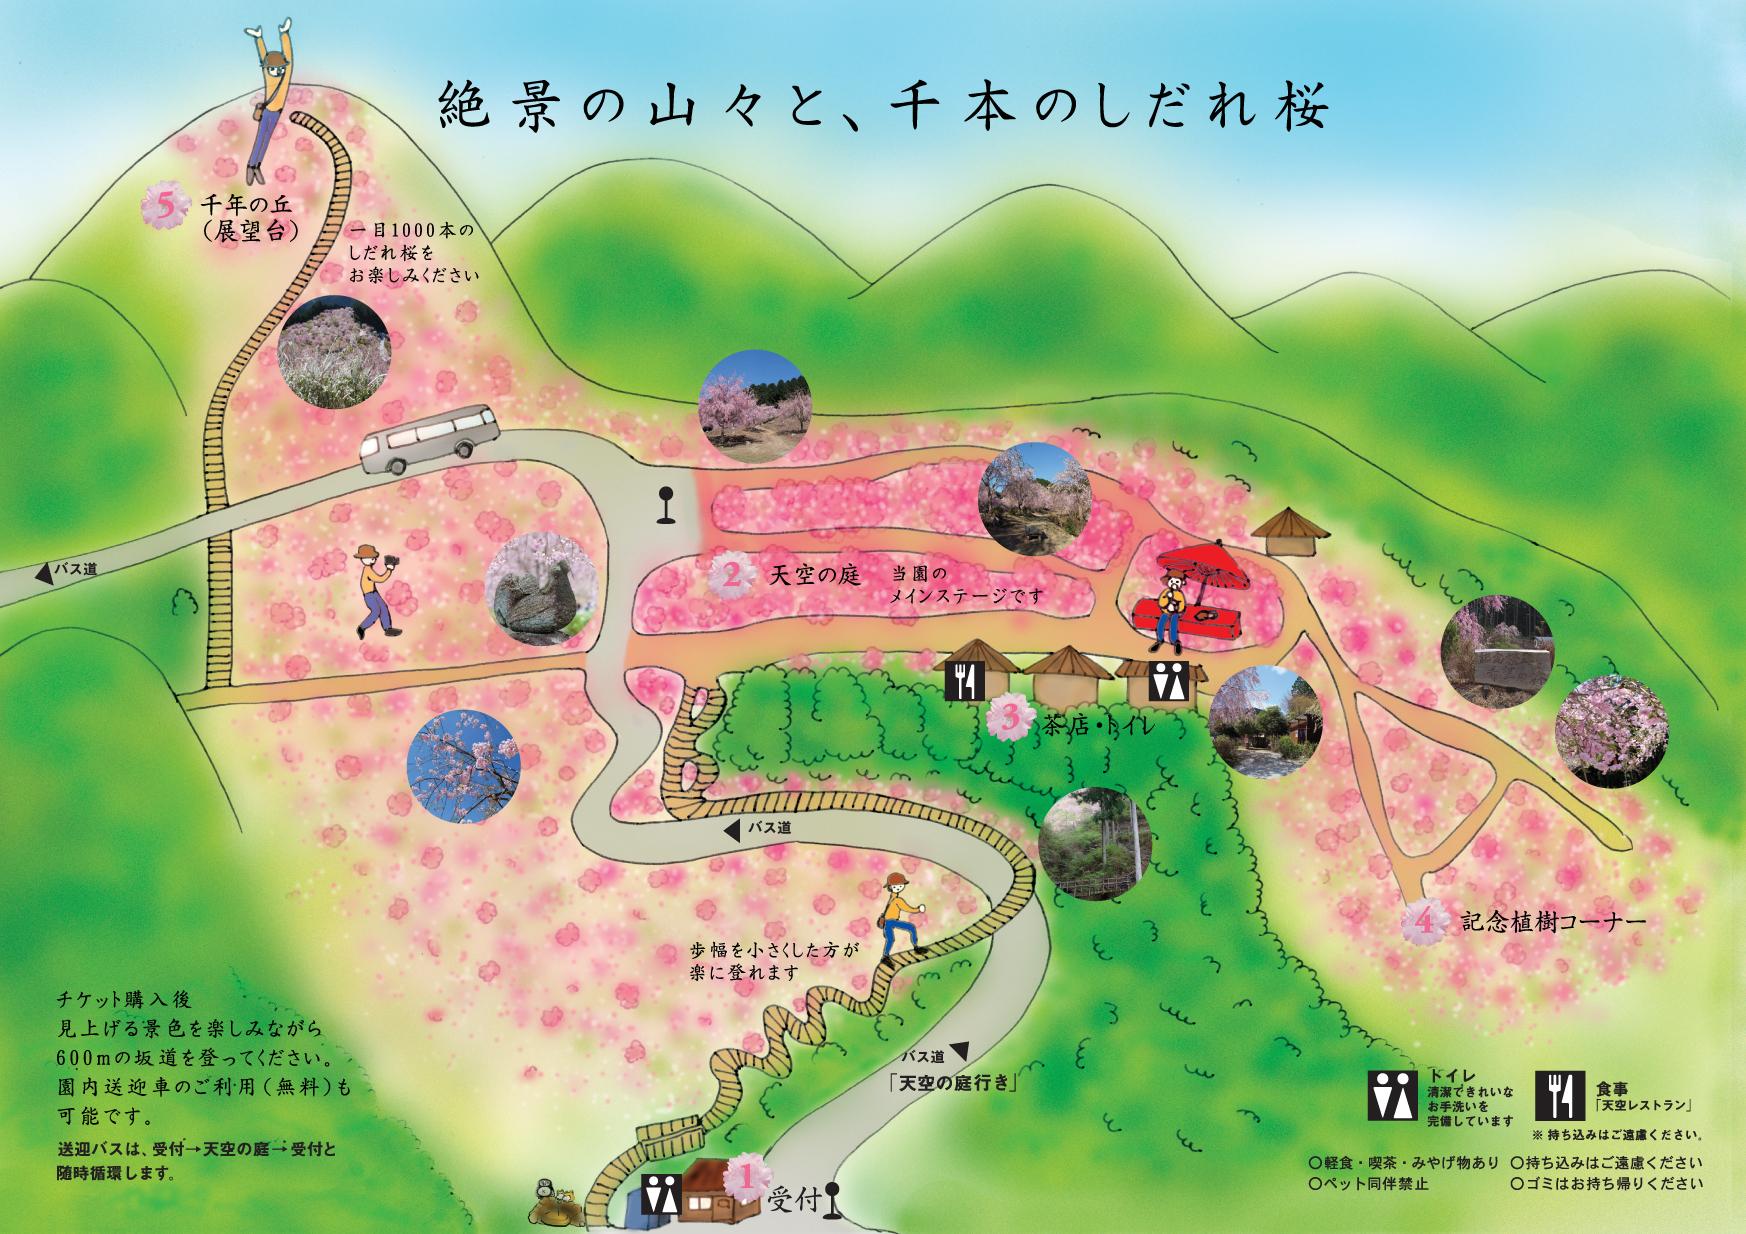 高見の郷 桜マップ